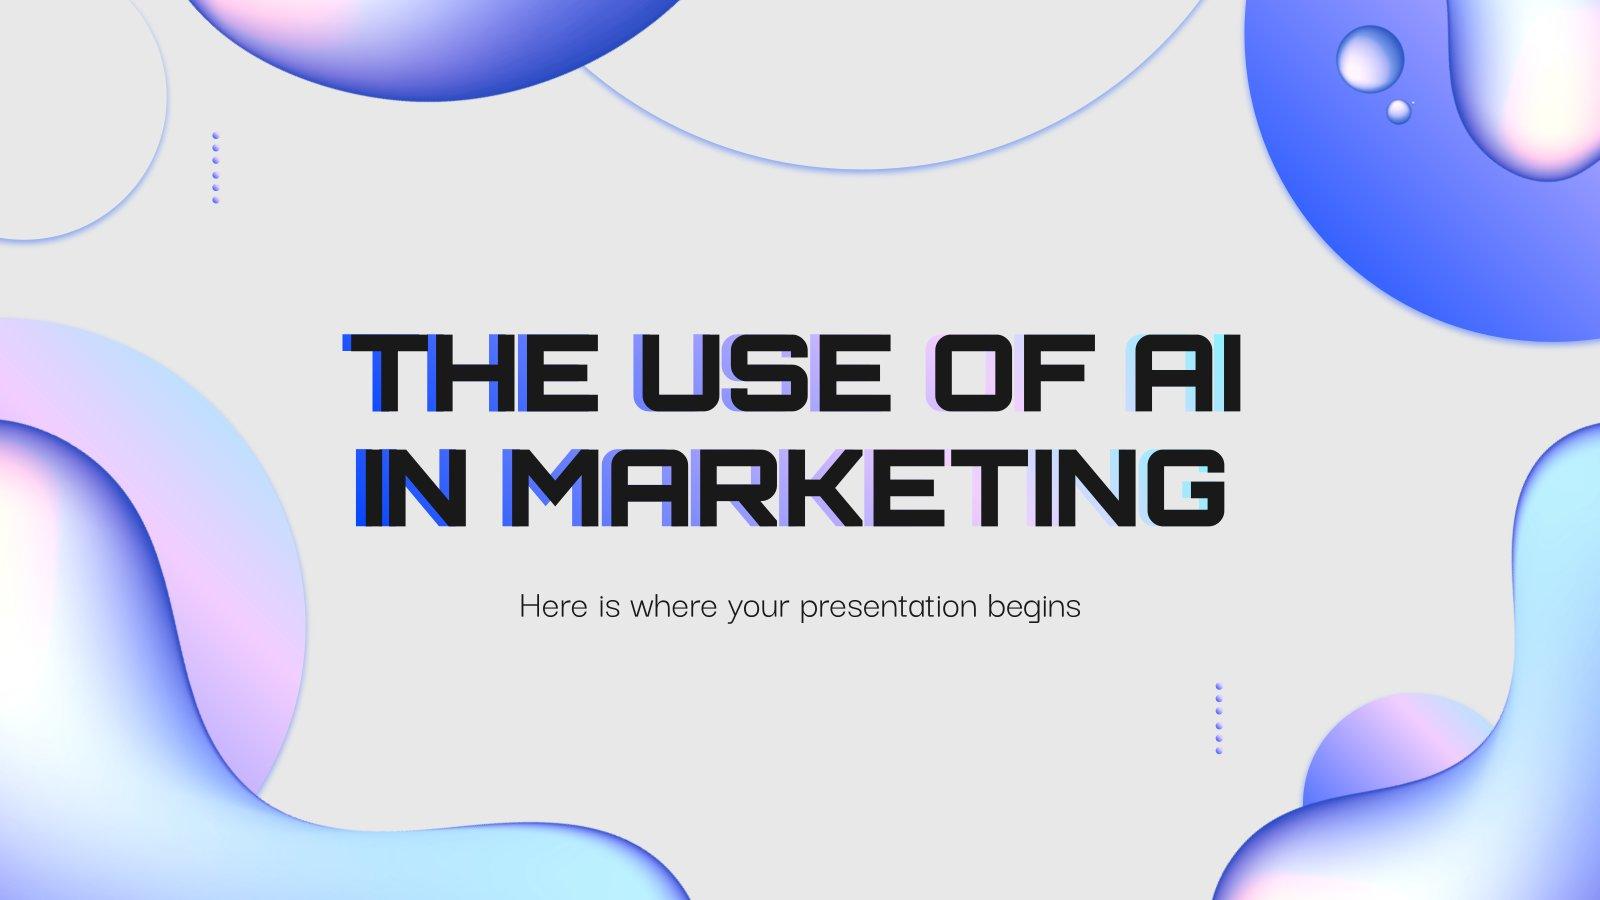 Der Einsatz von KI im Marketing Präsentationsvorlage